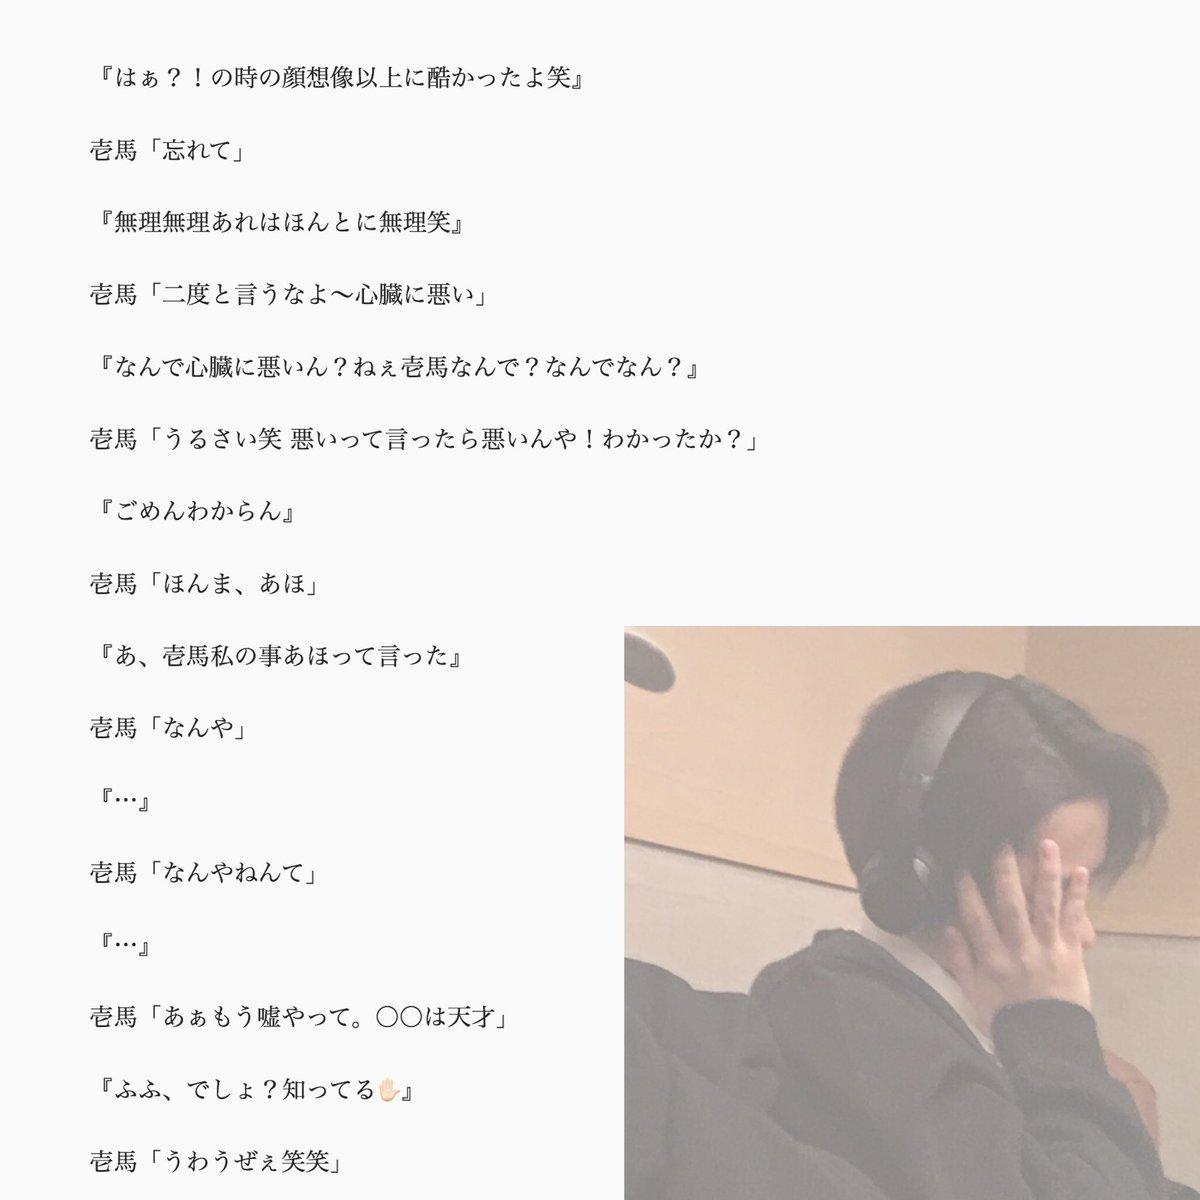 壱 twitter 川村 馬